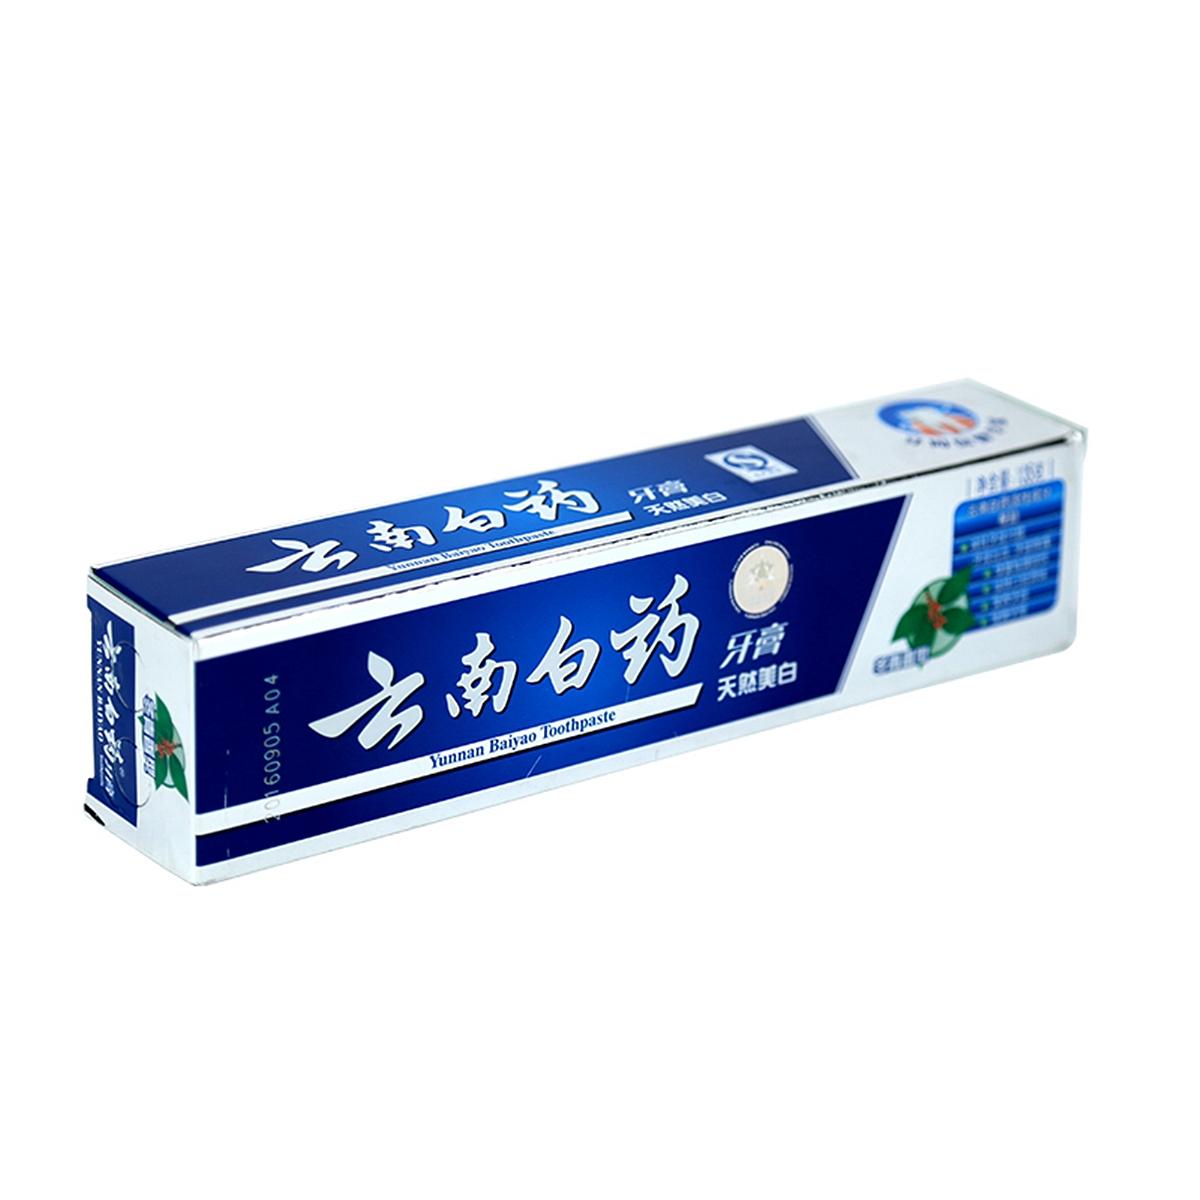 云南白药牙膏135G 口腔护理(冬青香型)(支)